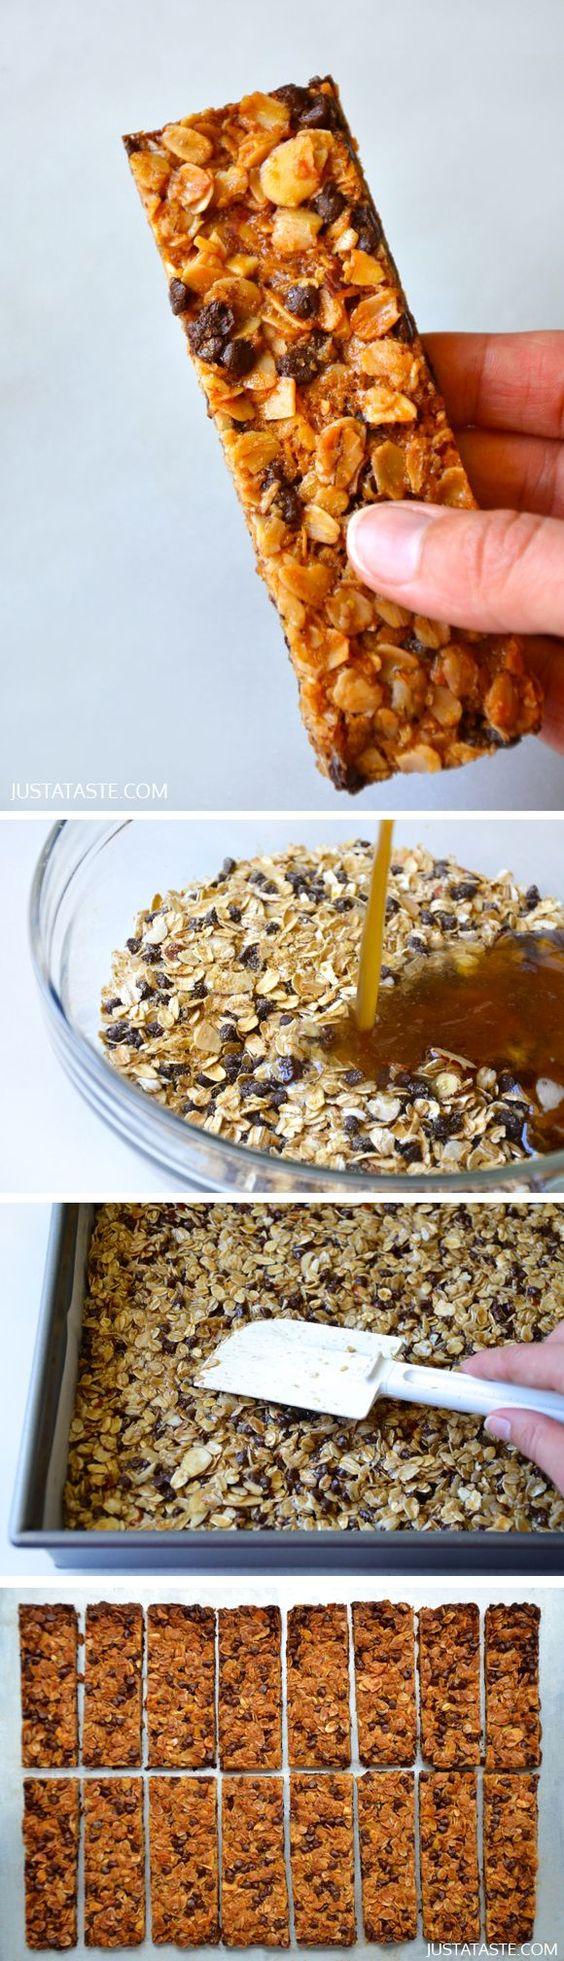 Homemade Chocolate Chip Granola Bars | Recipe | Granola bar recipes ...